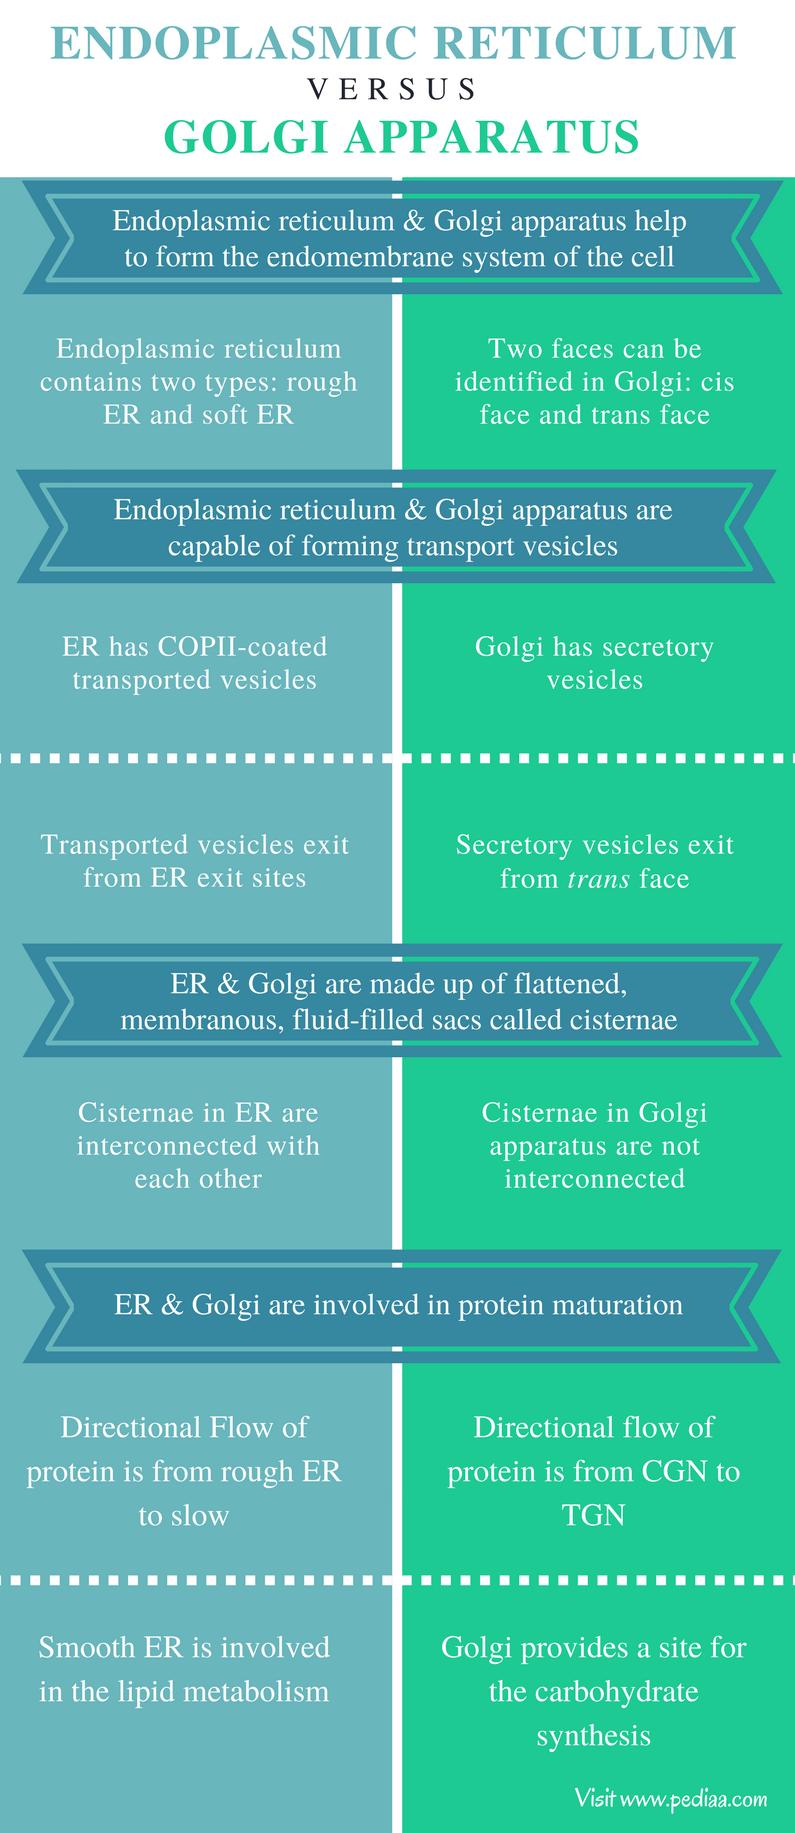 Relationship Between Endoplasmic Reticulum and Golgi Apparatus - Comparison Summary